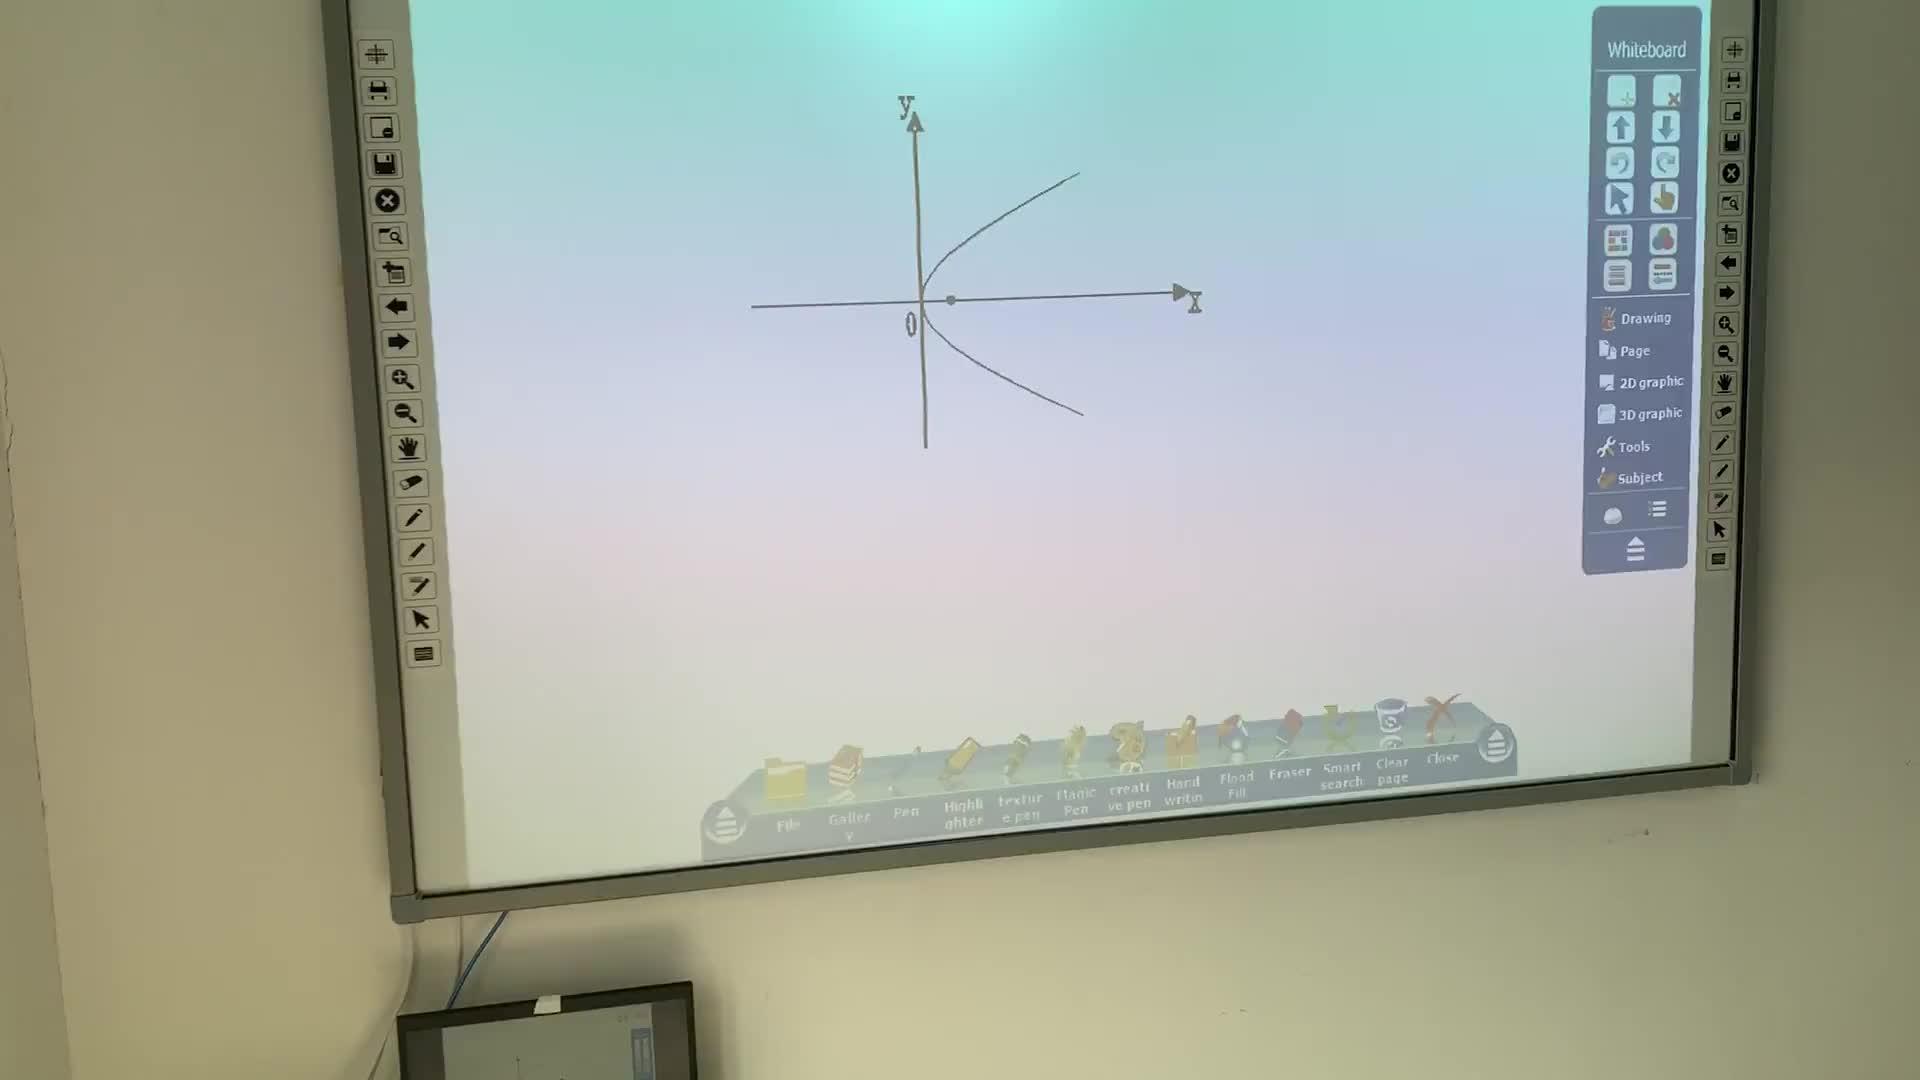 Cung cấp kích thước khác nhau tương tác bảng thông minh với gốm/e3/sứ bề mặt